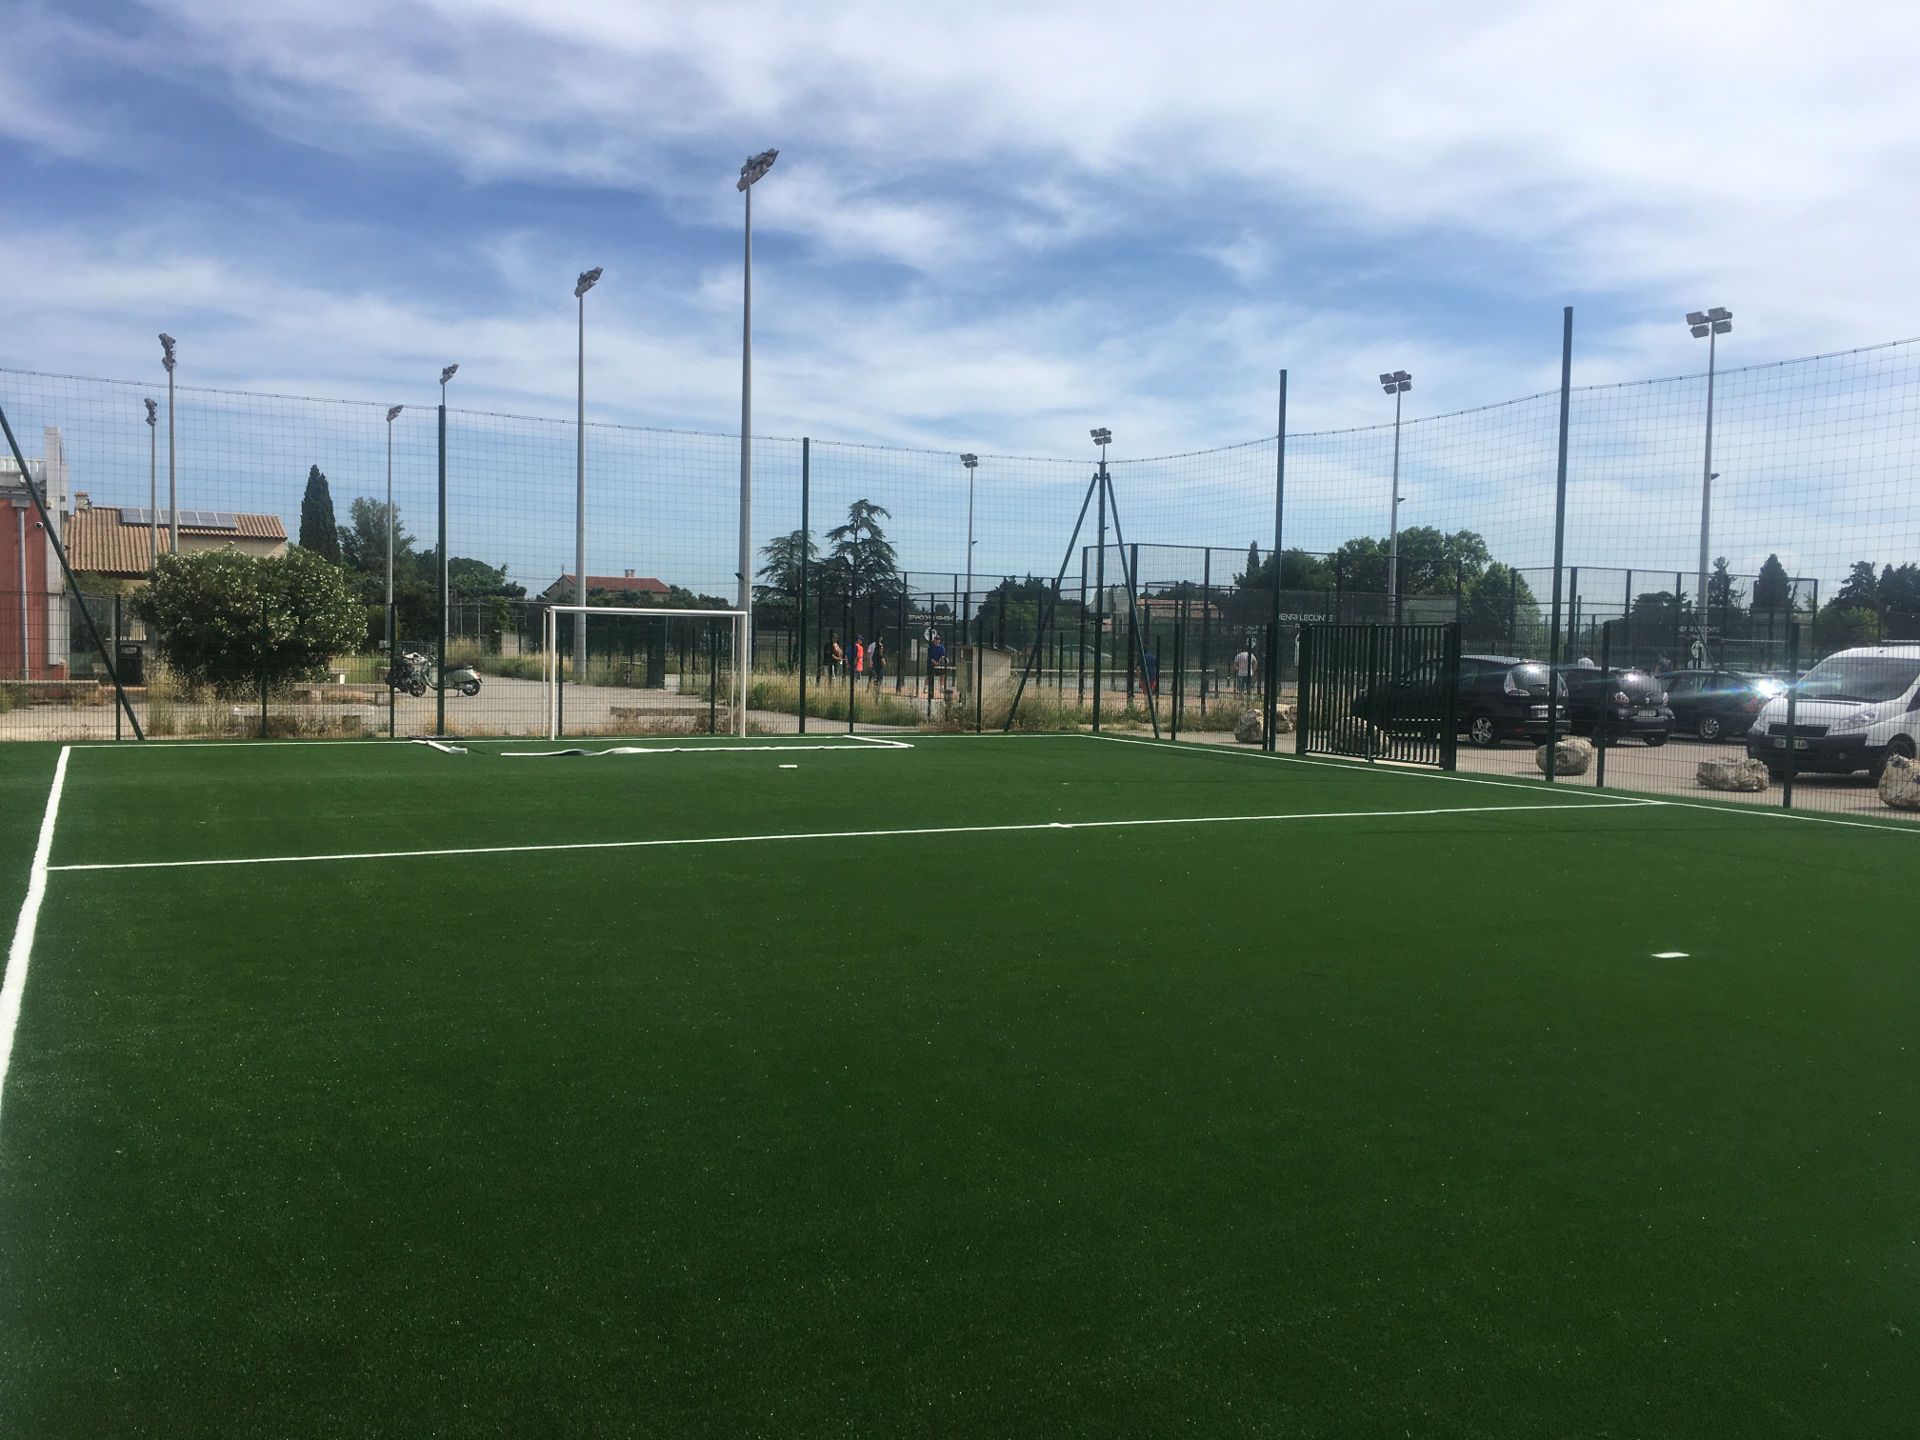 Réalisation d'un terrain de foot en salle